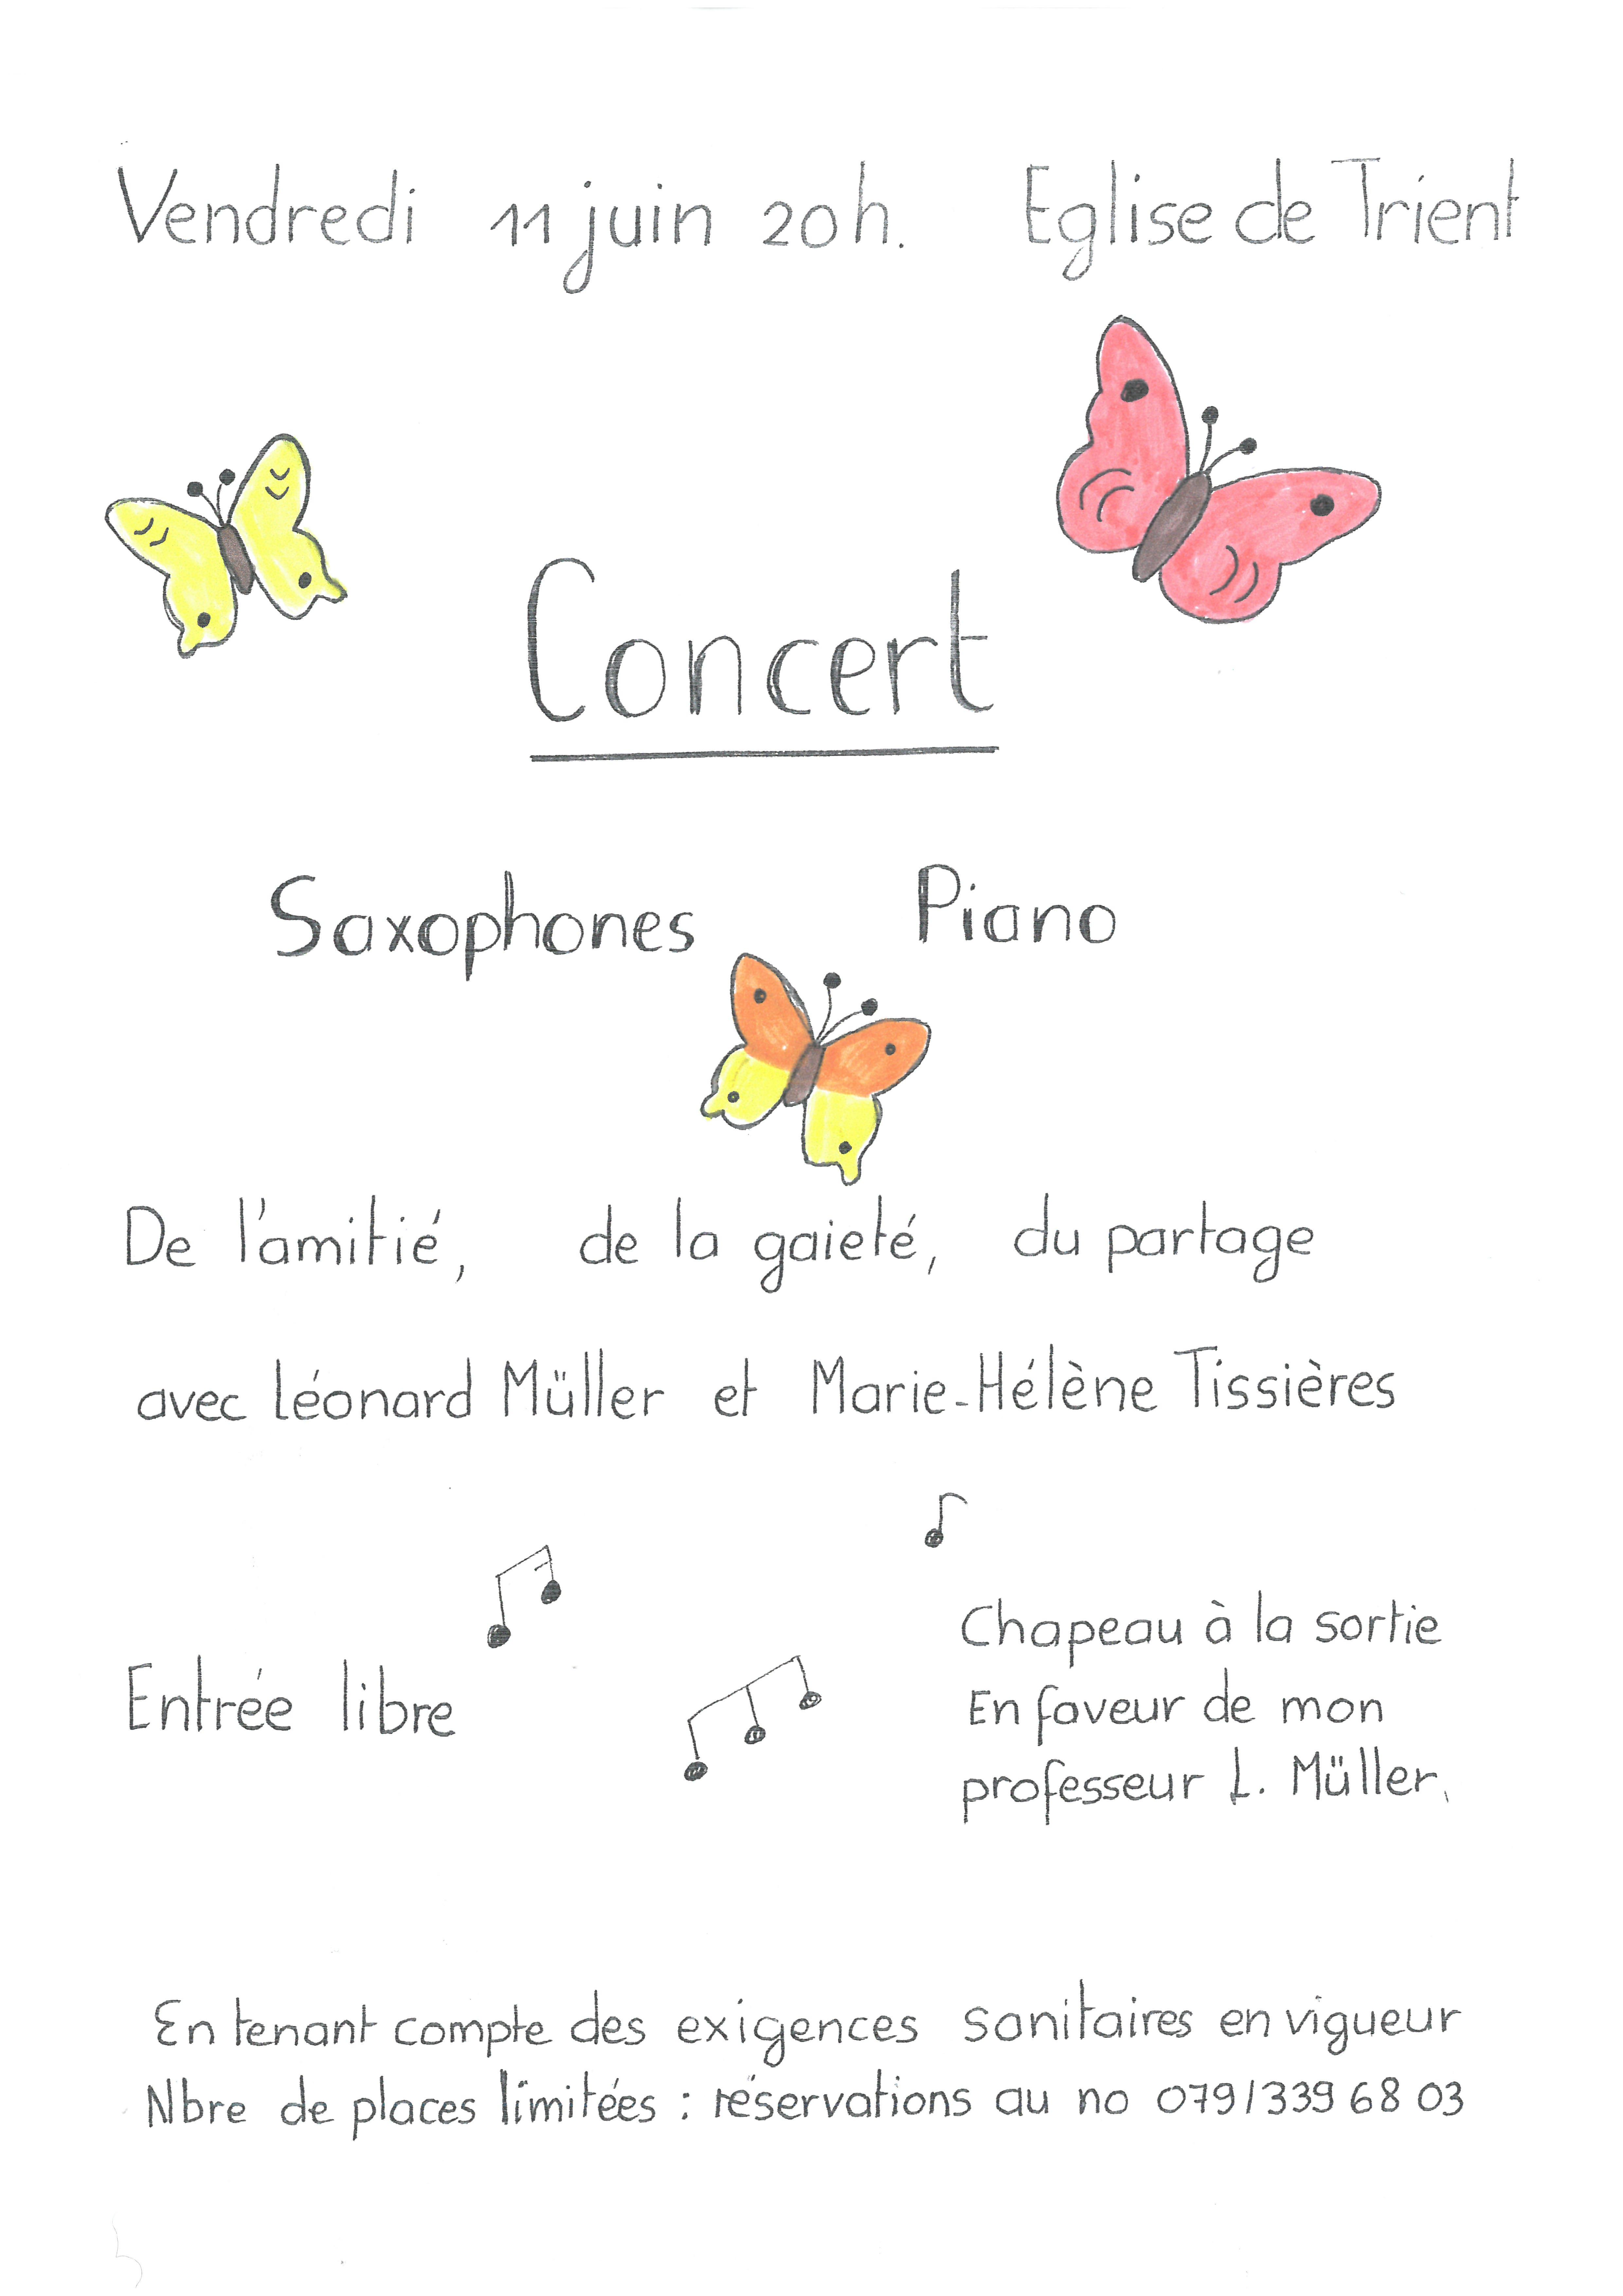 Eglise de Trient - Concert Saxophone-piano